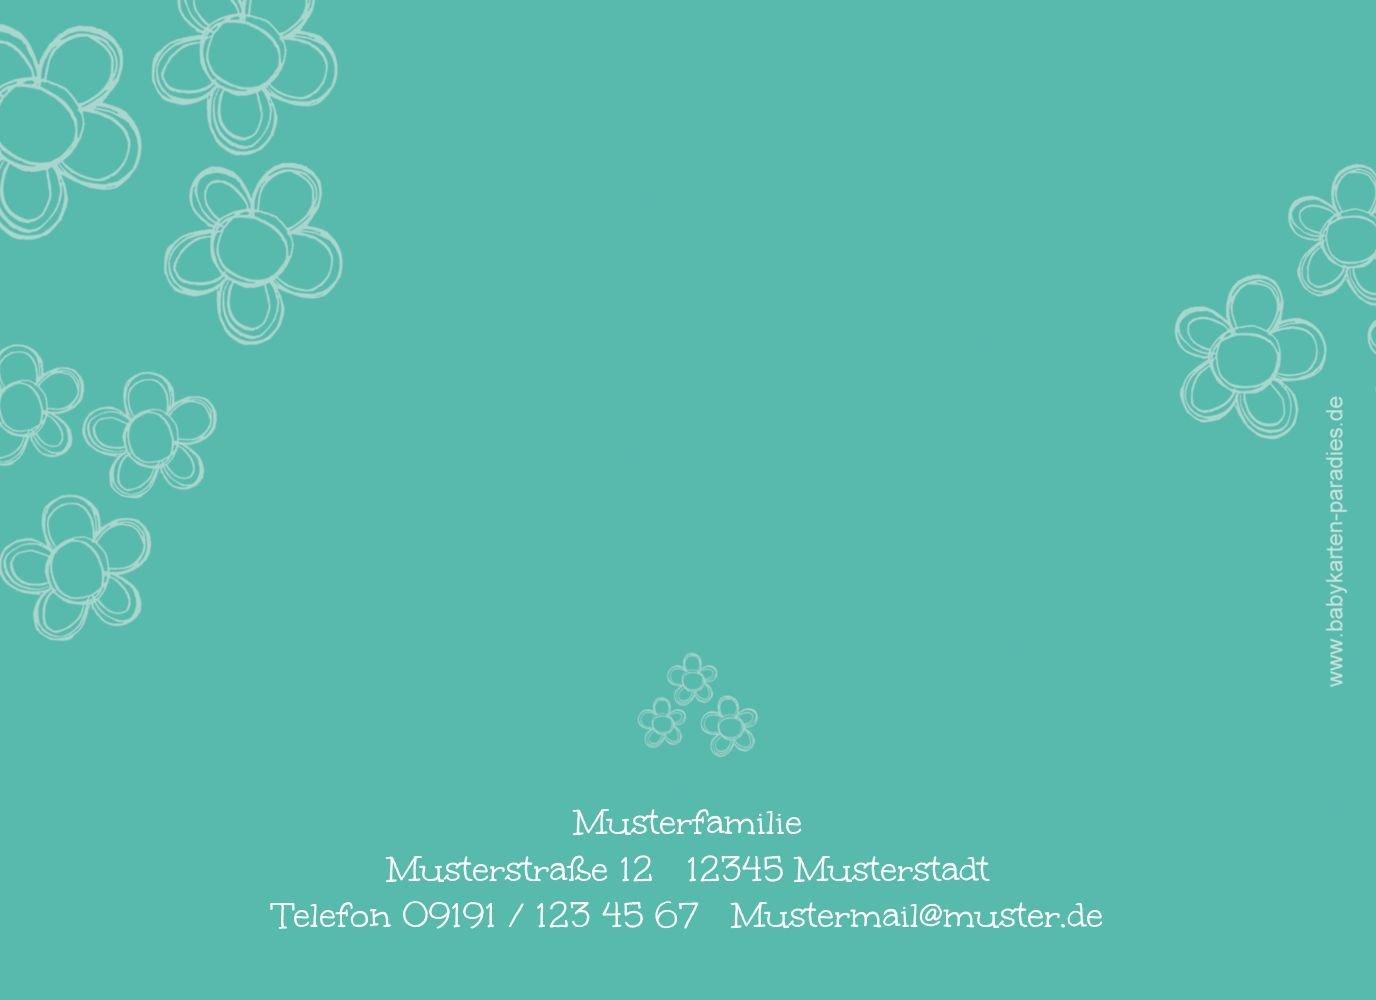 Kartenparadies Danksagung für Geburt Baby Dankeskarte Blüten, hochwertige Danksagungskarte Danksagungskarte Danksagungskarte Baby inklusive Umschläge   100 Karten - (Format  148x105 mm) Farbe  Hellbraun B01MTEZPBX   Schön und charmant    New Listing    Passend In Der Farb 1f1c46